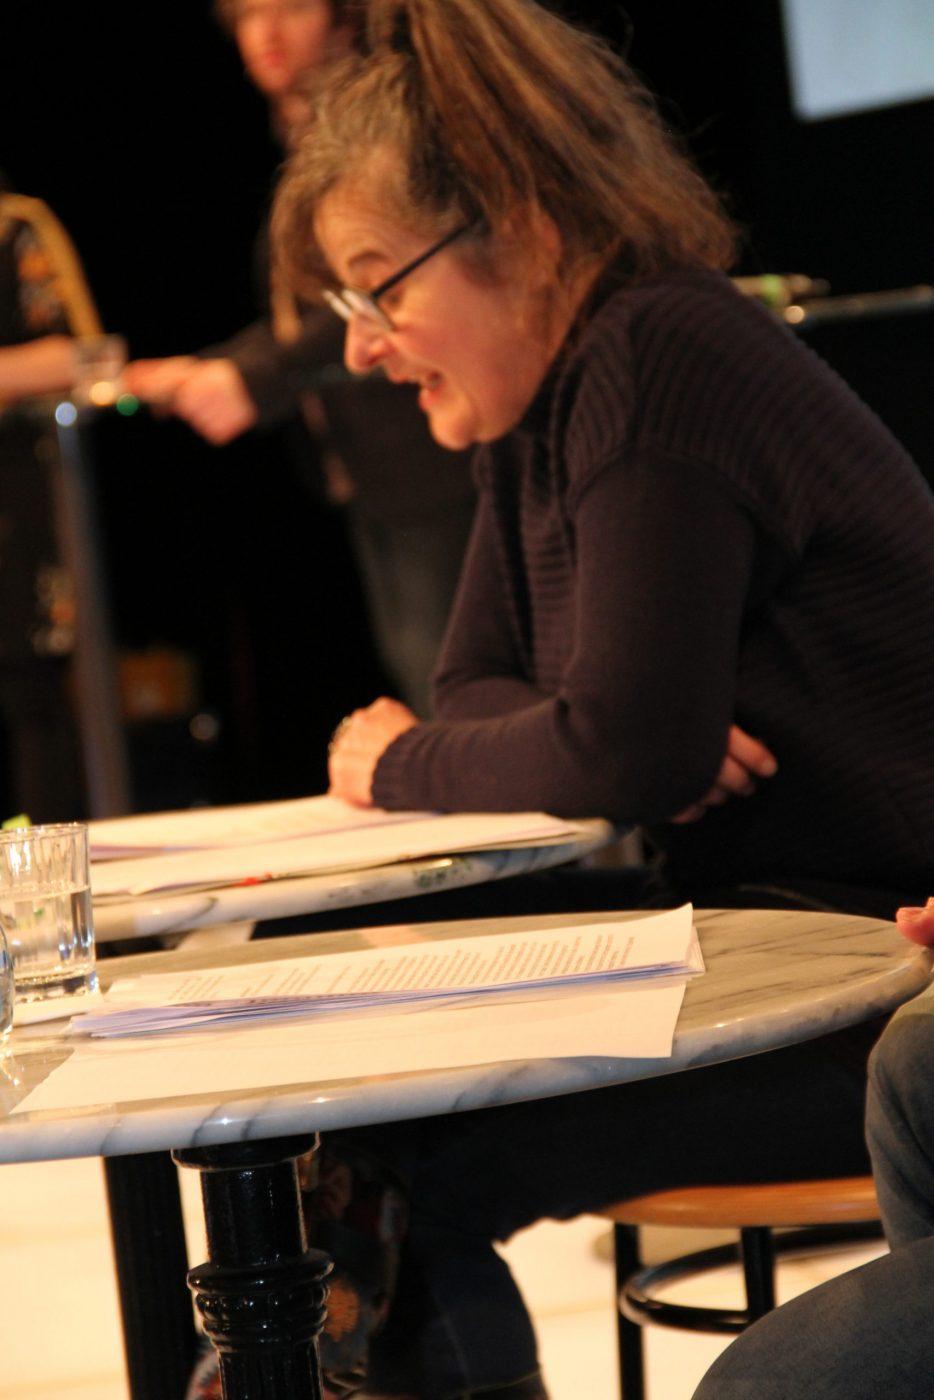 Die Schauspieler:innen Maria Hofstätter und Gregor Seberg lasen die preisgekrönten Texte vor